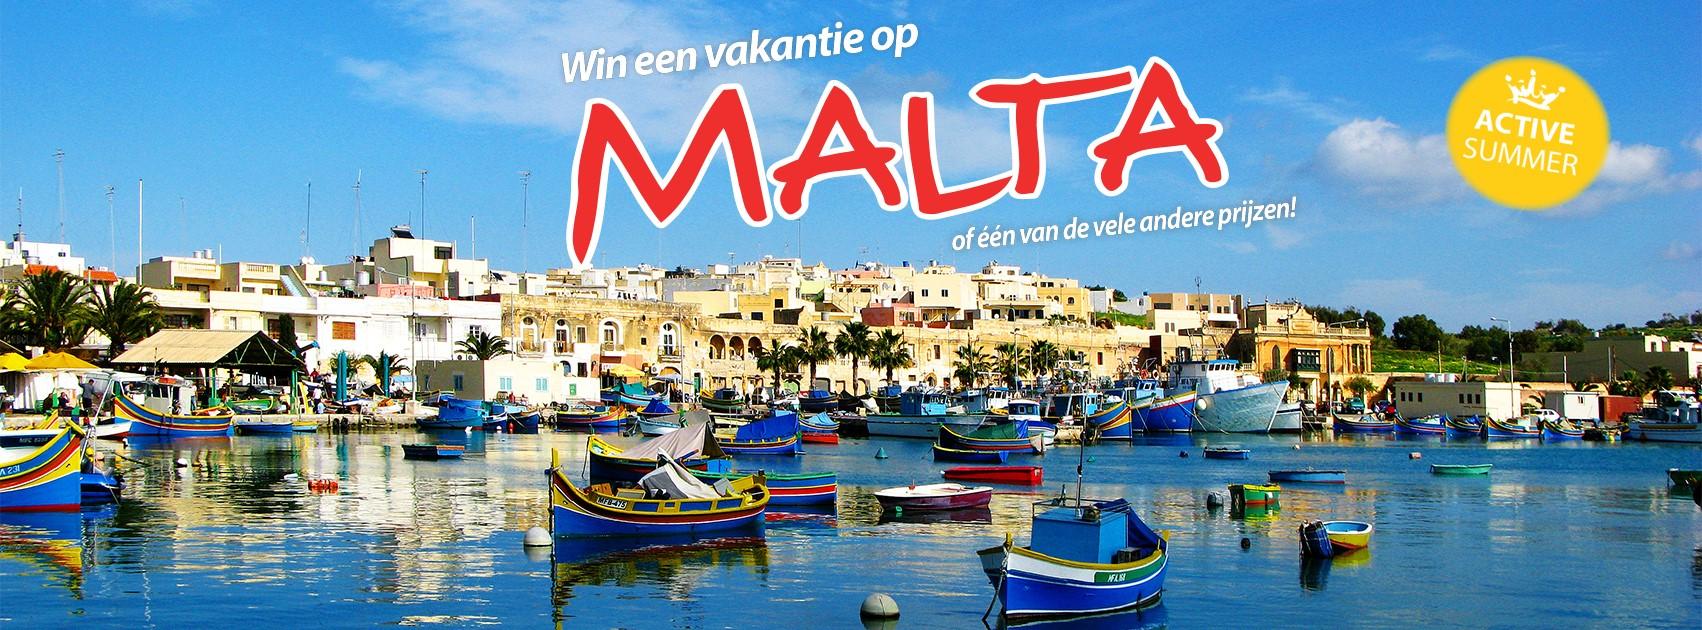 Afbeelding van malta op Active summer 2017